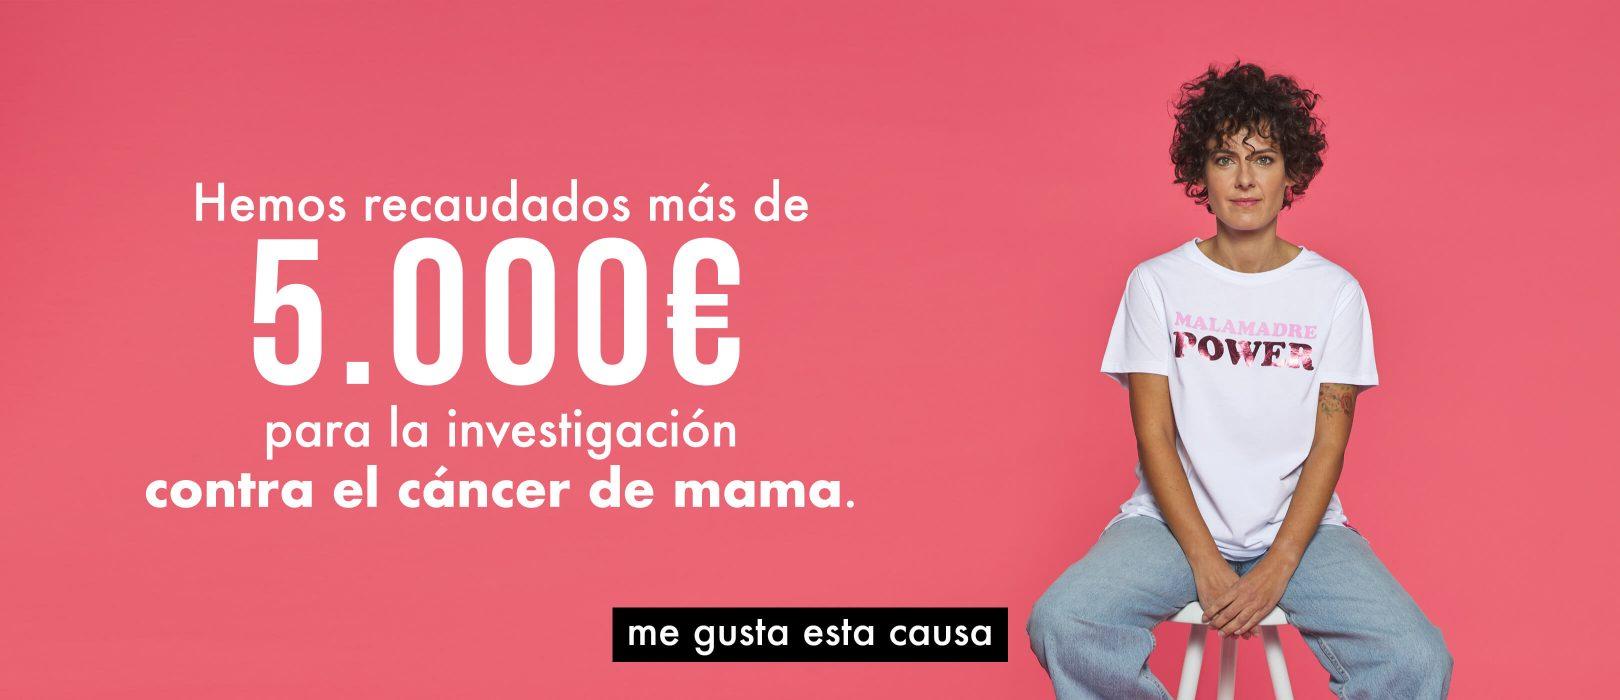 coleccion contra el cancer de mama